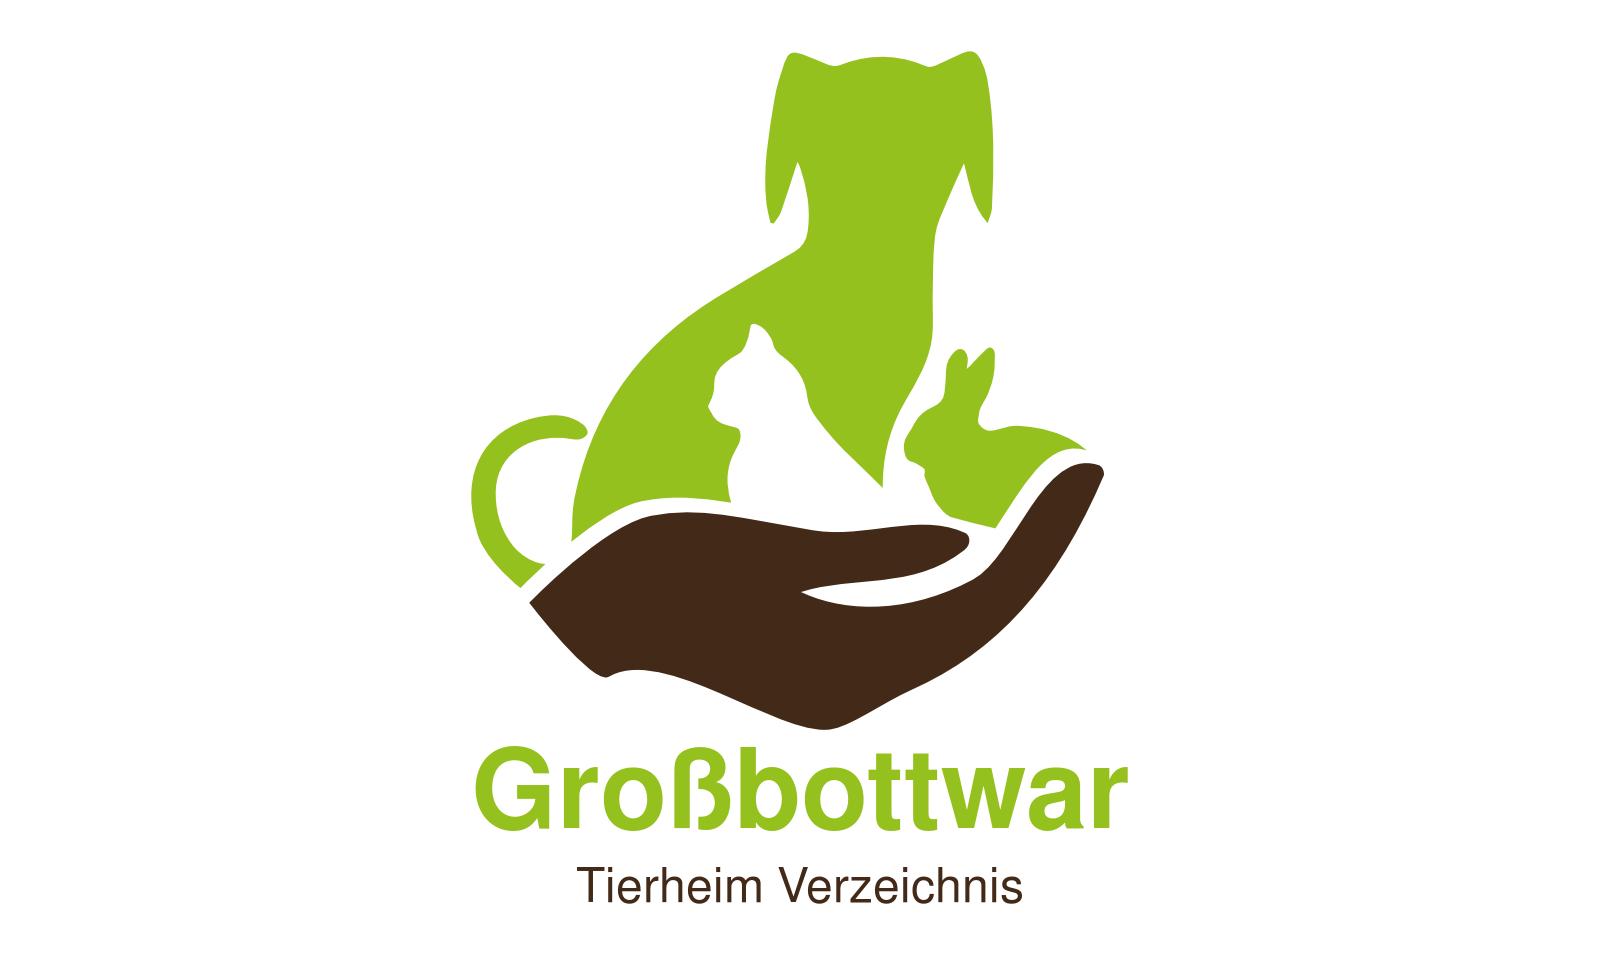 Tierheim Großbottwar